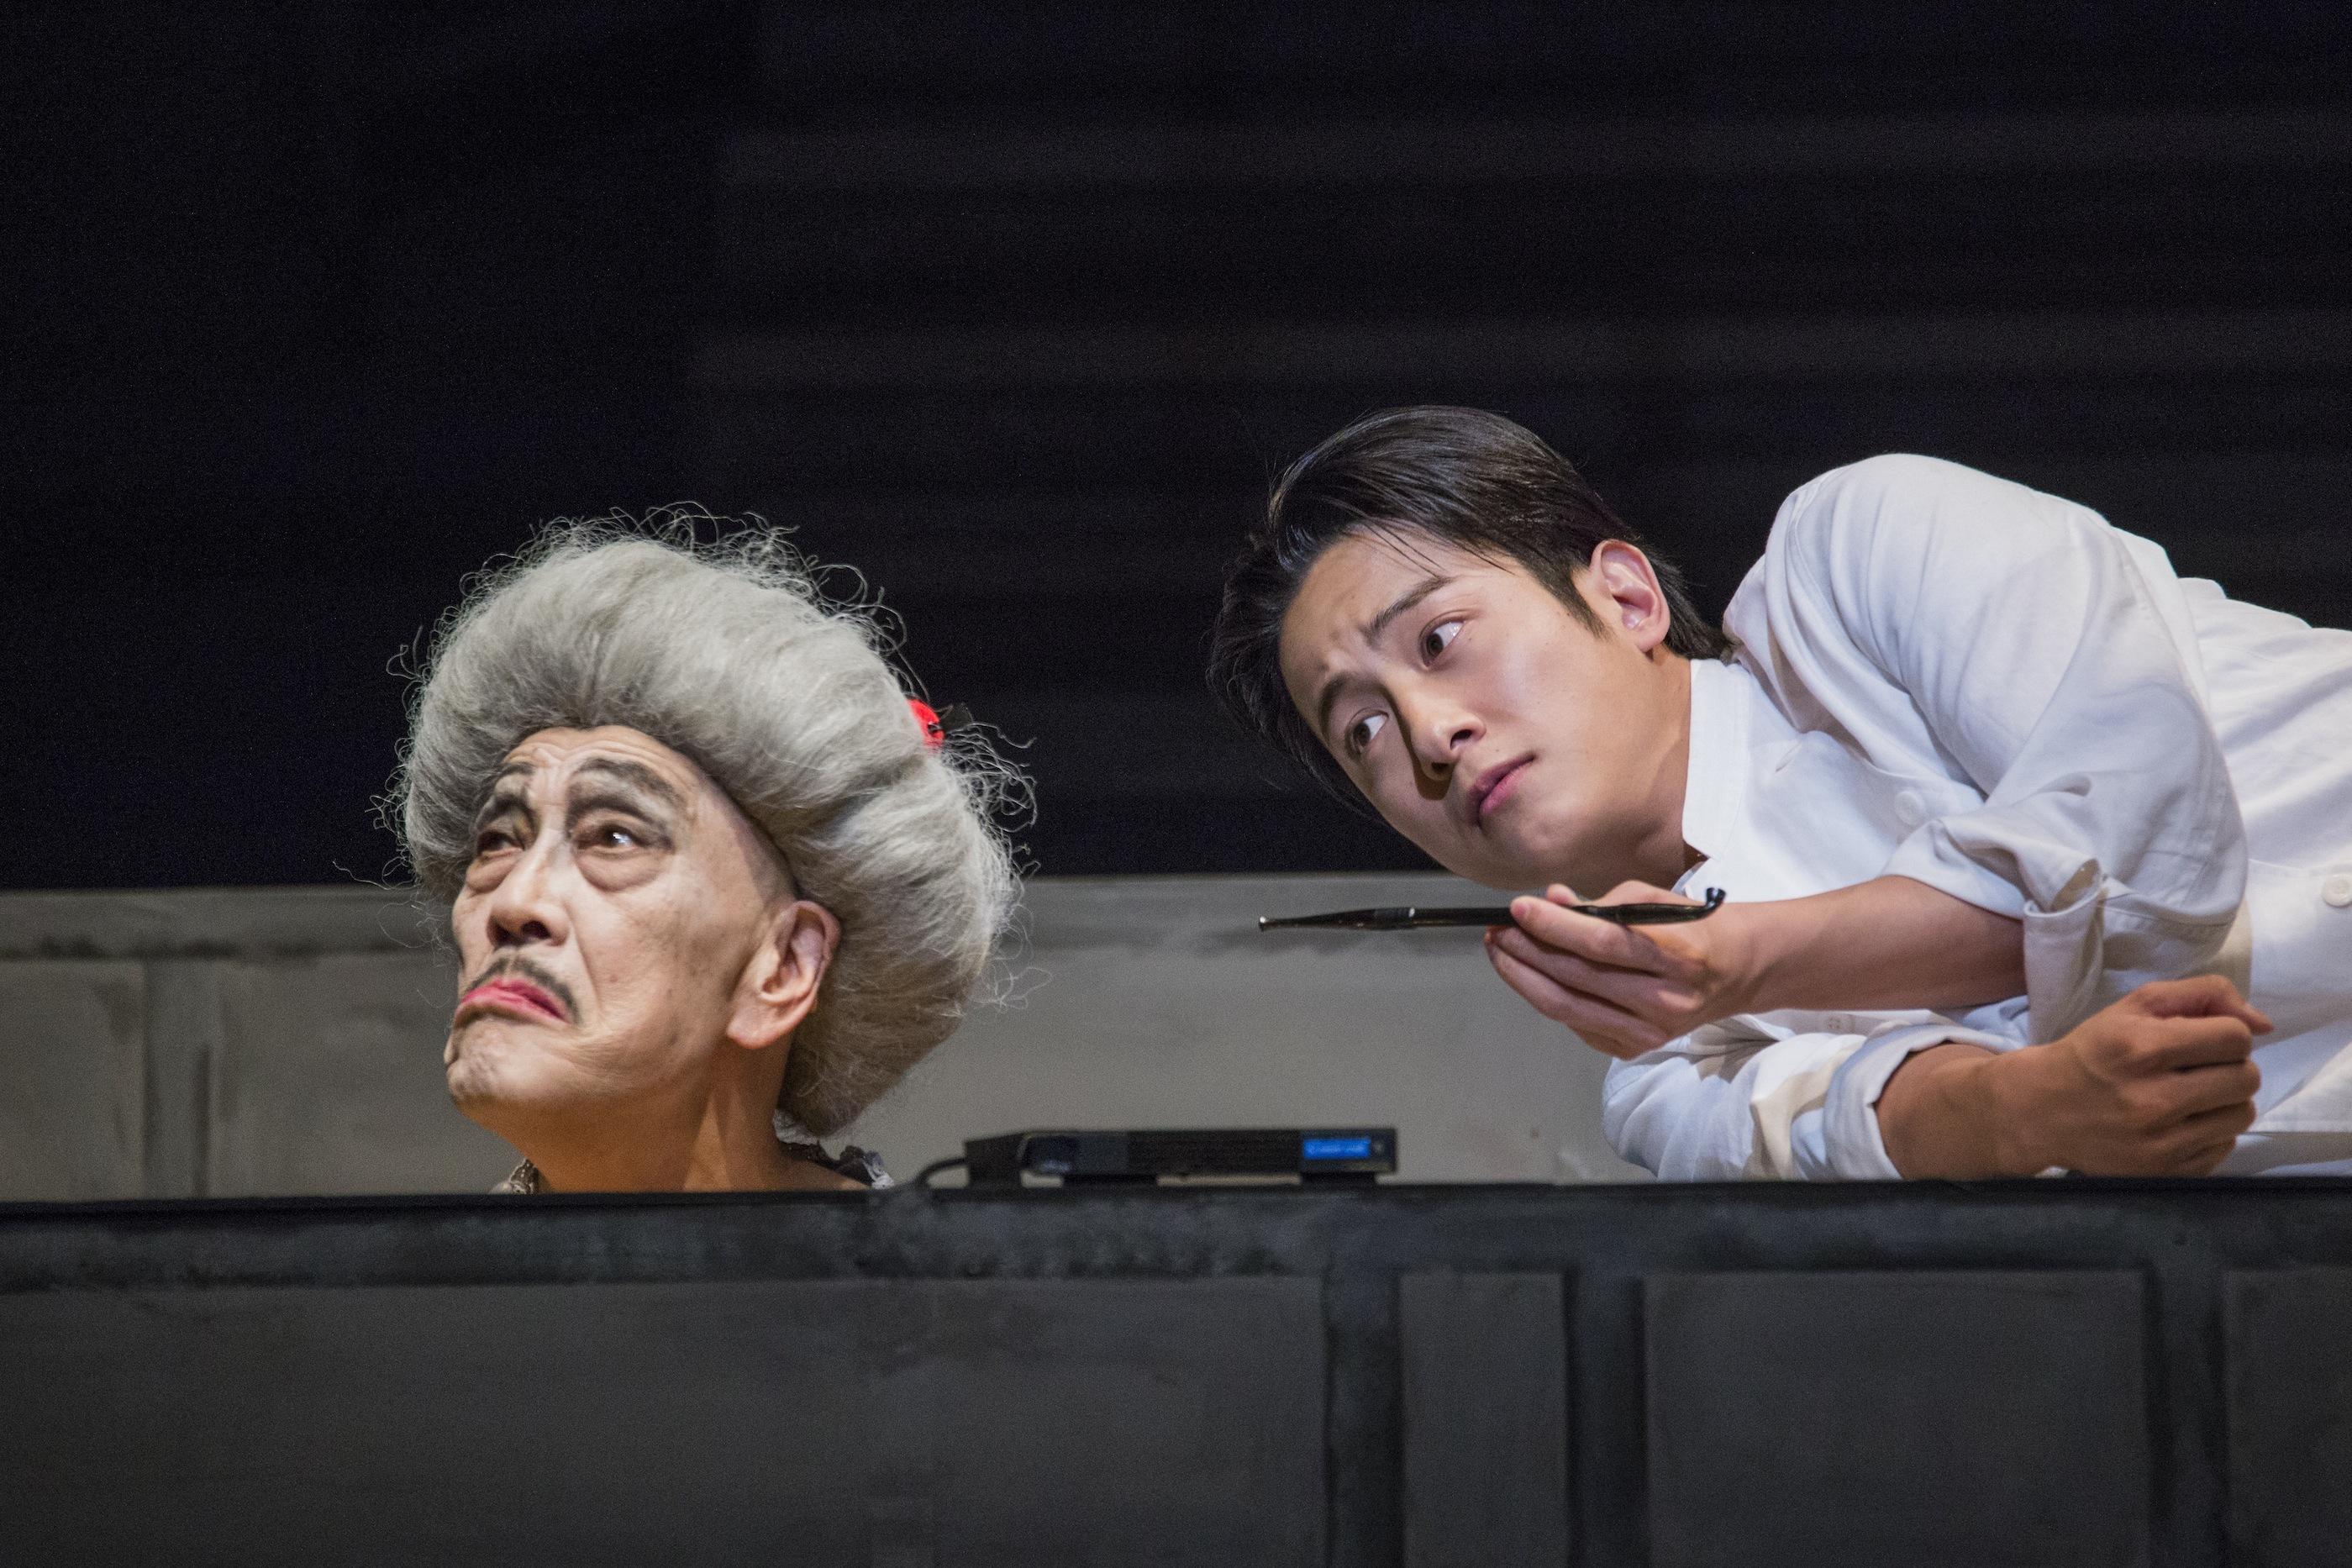 音楽劇『レミング』より (左より)麿赤兒、溝端淳平 (撮影:谷古宇正彦)